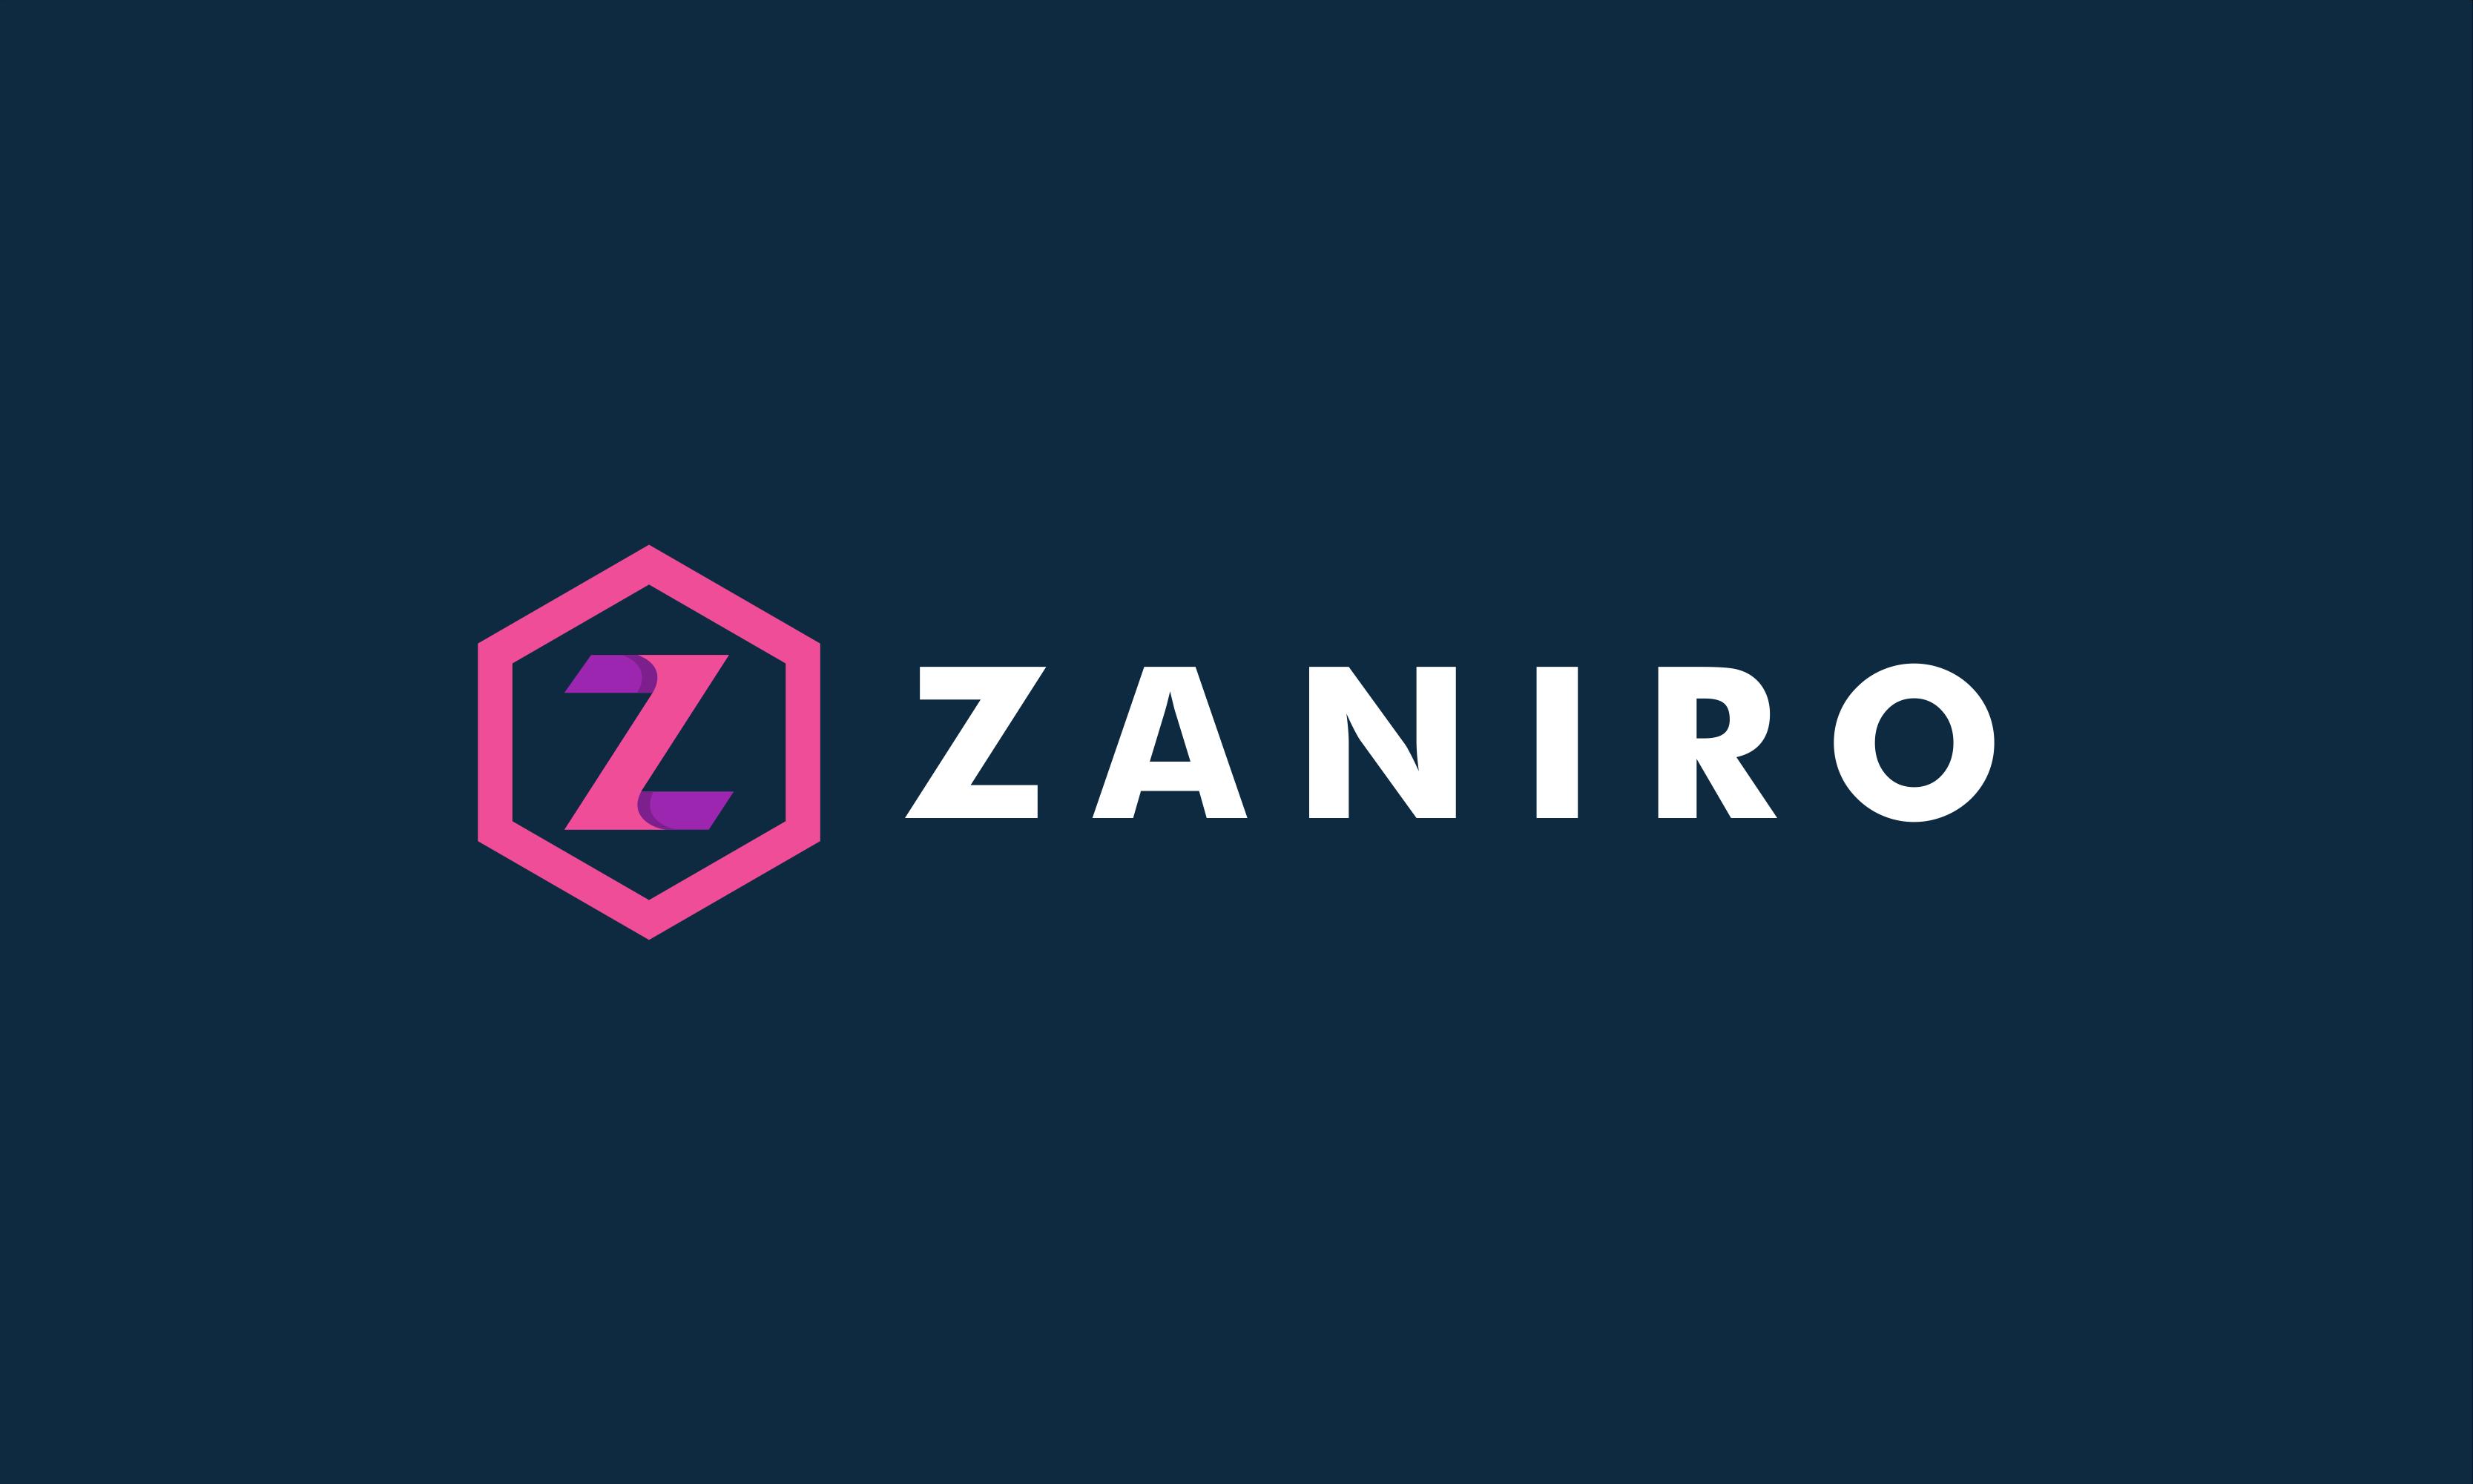 zaniro logo